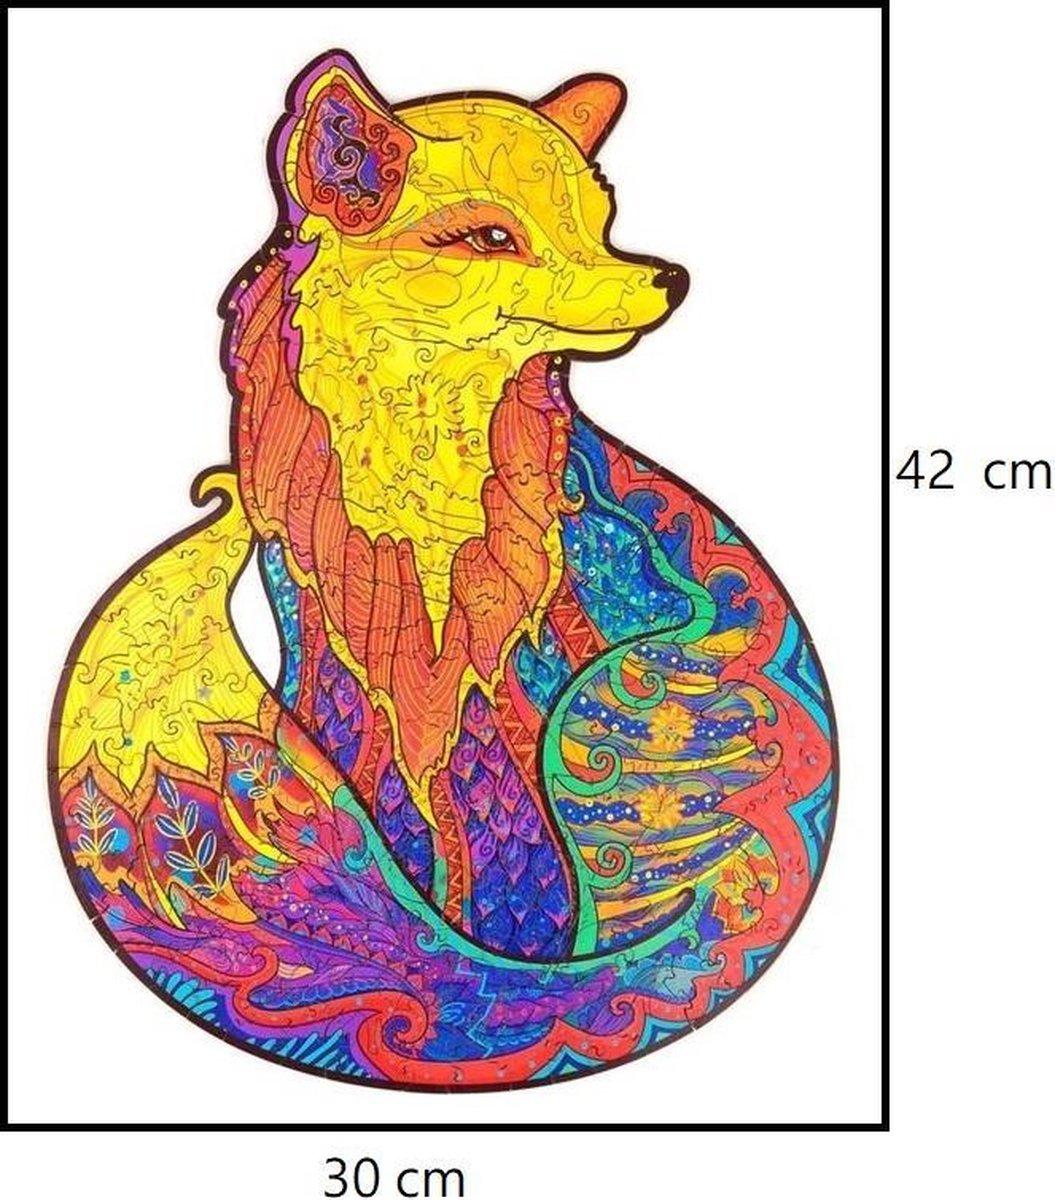 Houten jigsaw puzzel | Dierenfiguur puzzel | Houten dieren Puzzel | Educatieve puzzel | Decoratief | Houten Legpuzzel | Wooden Animal Jigsaw Puzzle | Breinbreker | A3 | Vos